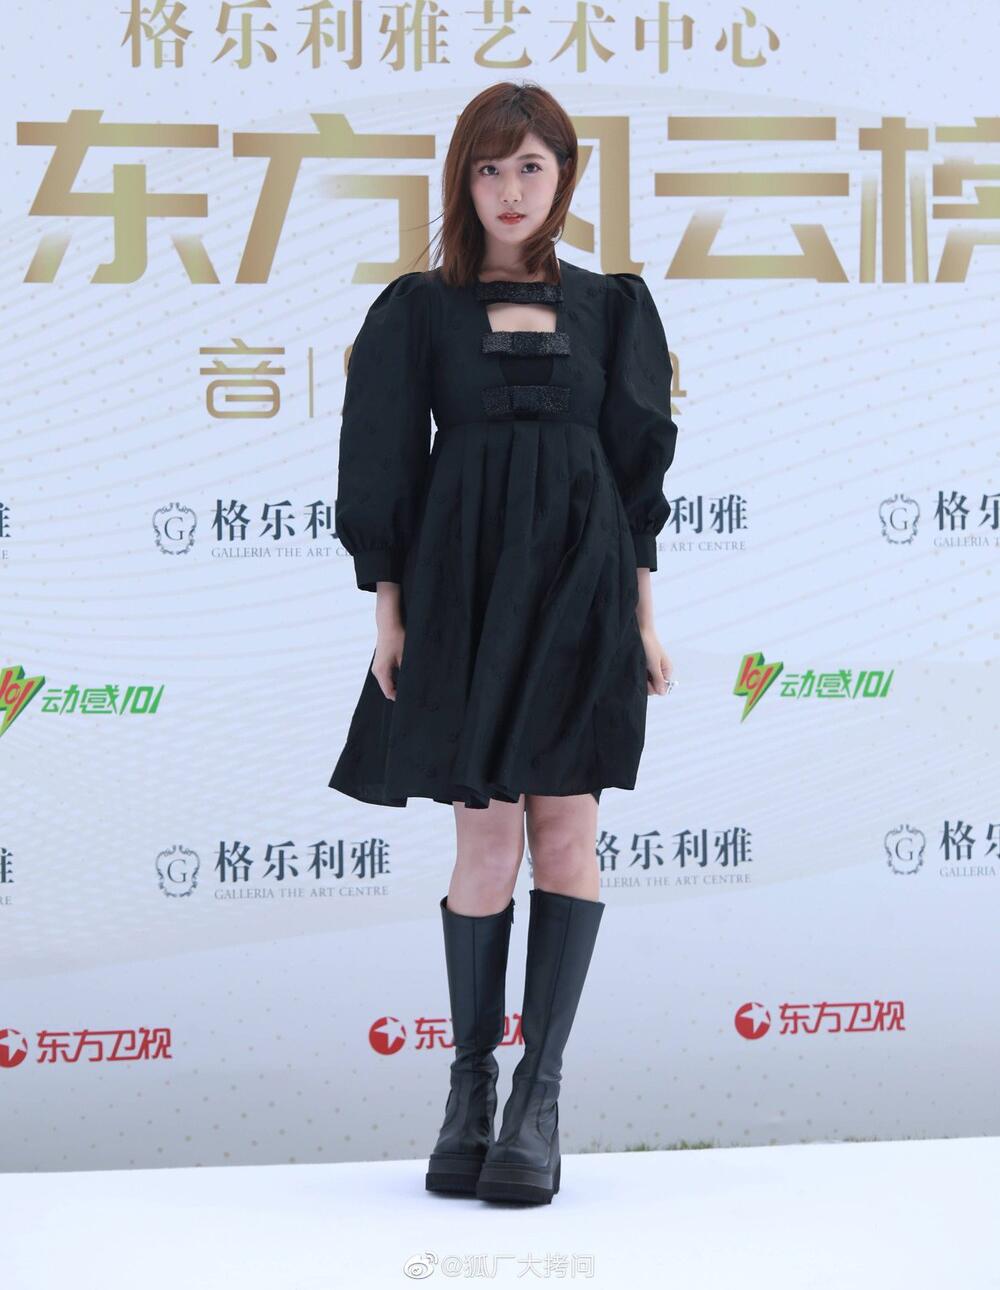 Lý Nghệ Đồng mặc đồ hệt như ra phố đi chơi dù đang tham dự một sự kiện danh giá.